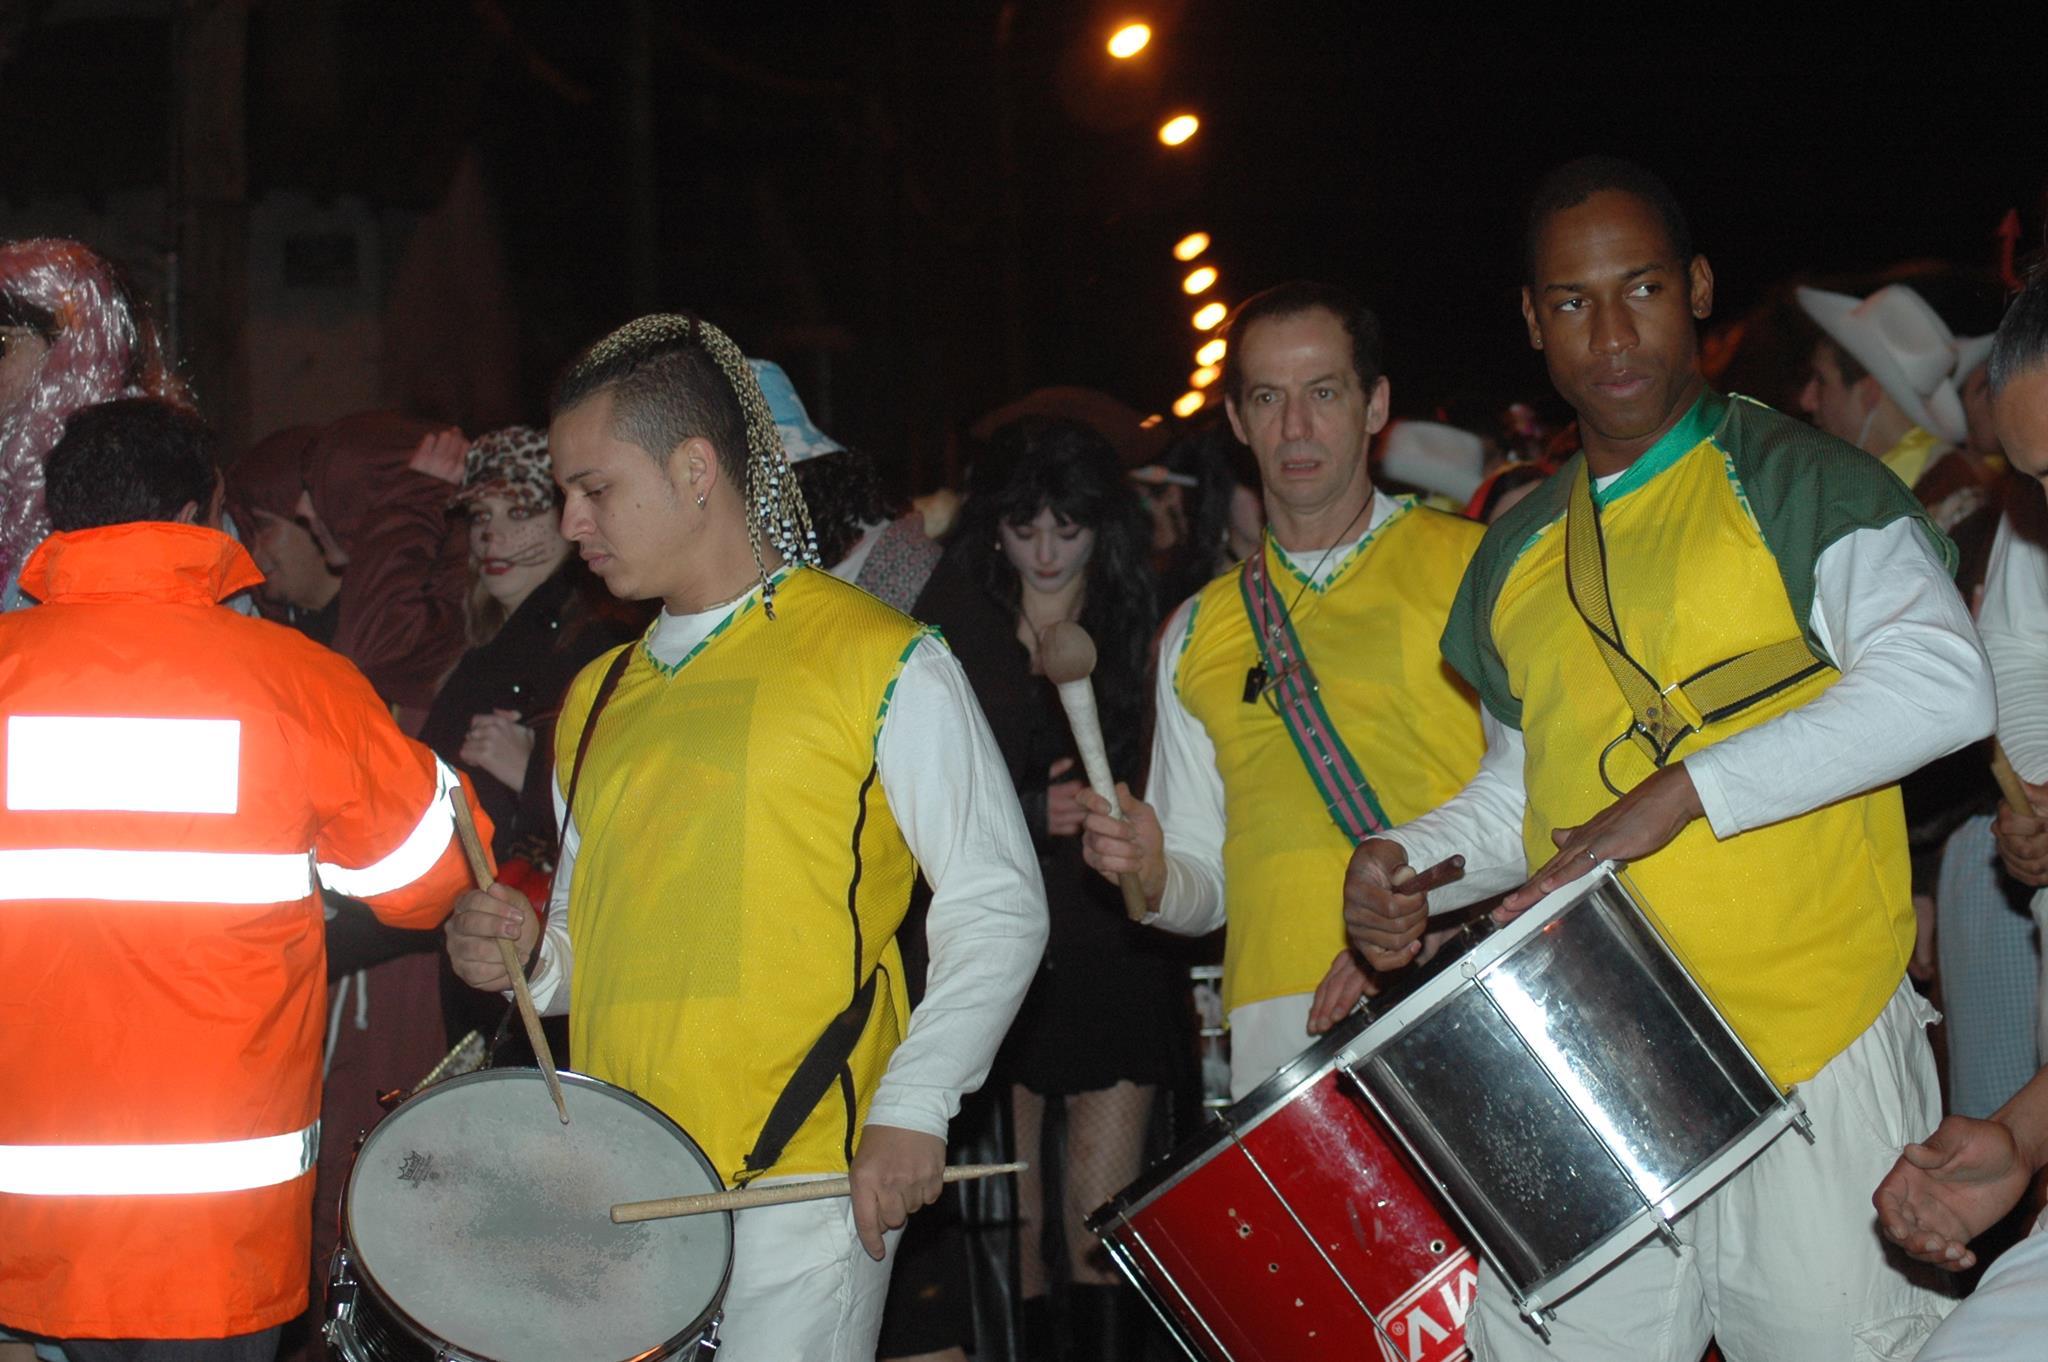 Carnavales en Guadarrama (3) (Copy)